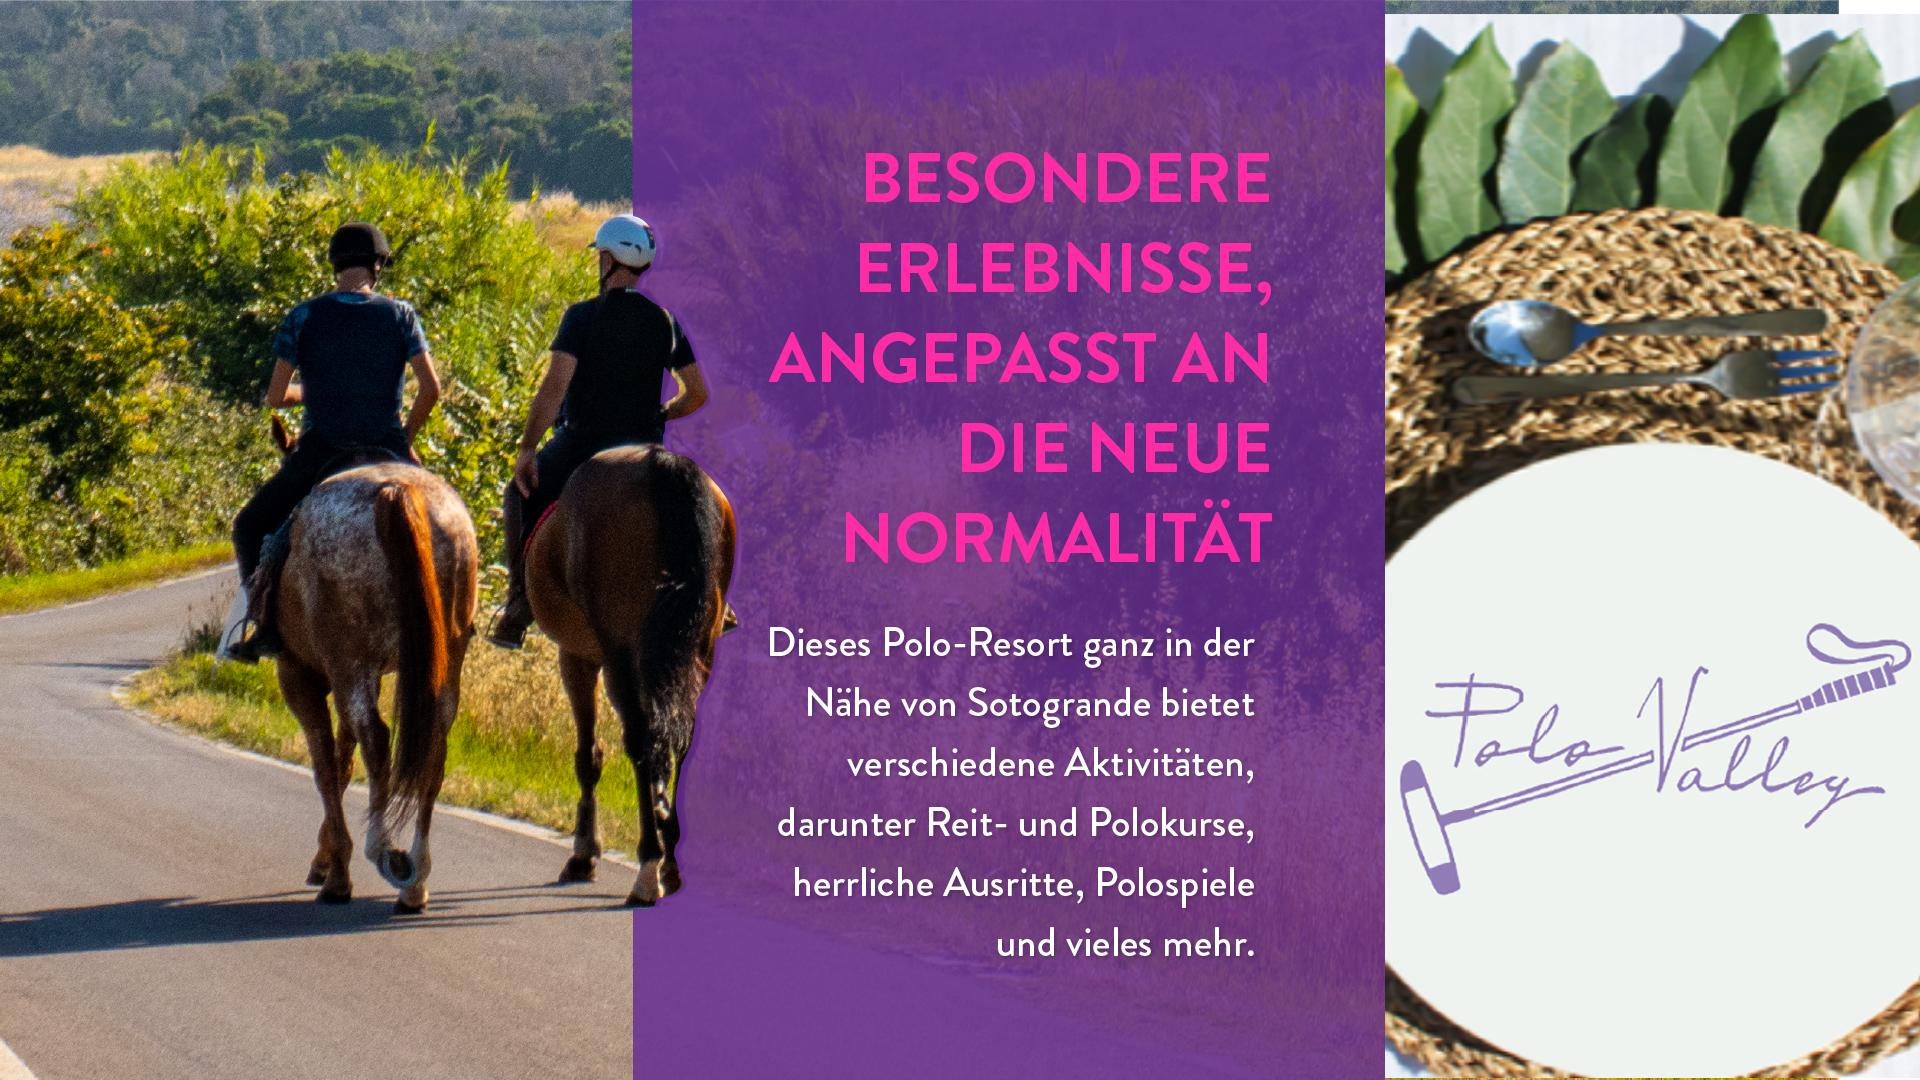 polo-valley-sotogrande-besondere-erlebnisse-angepasst-an-die-neue-normalitaet